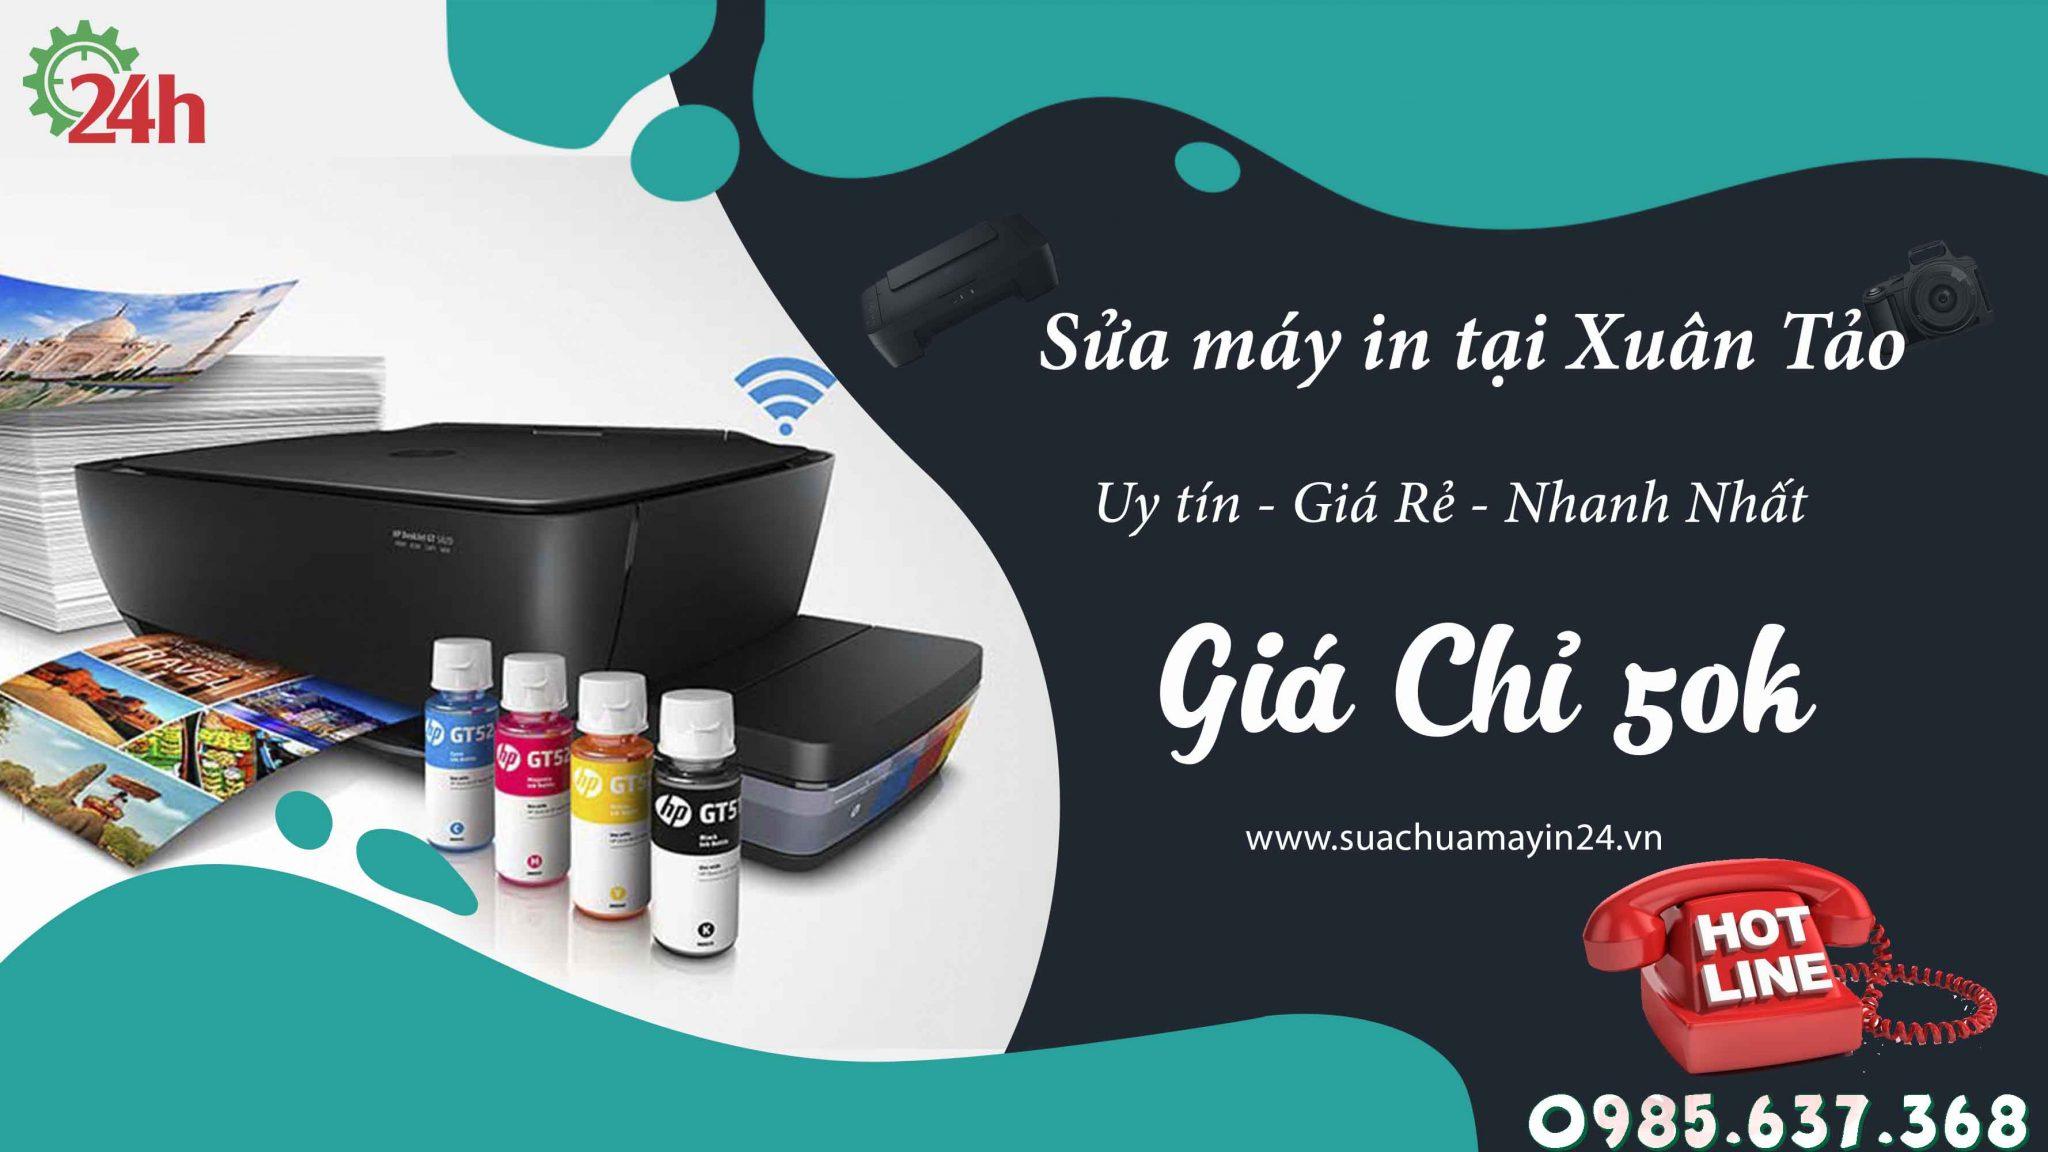 sua-may-in-tai-xuan-tao